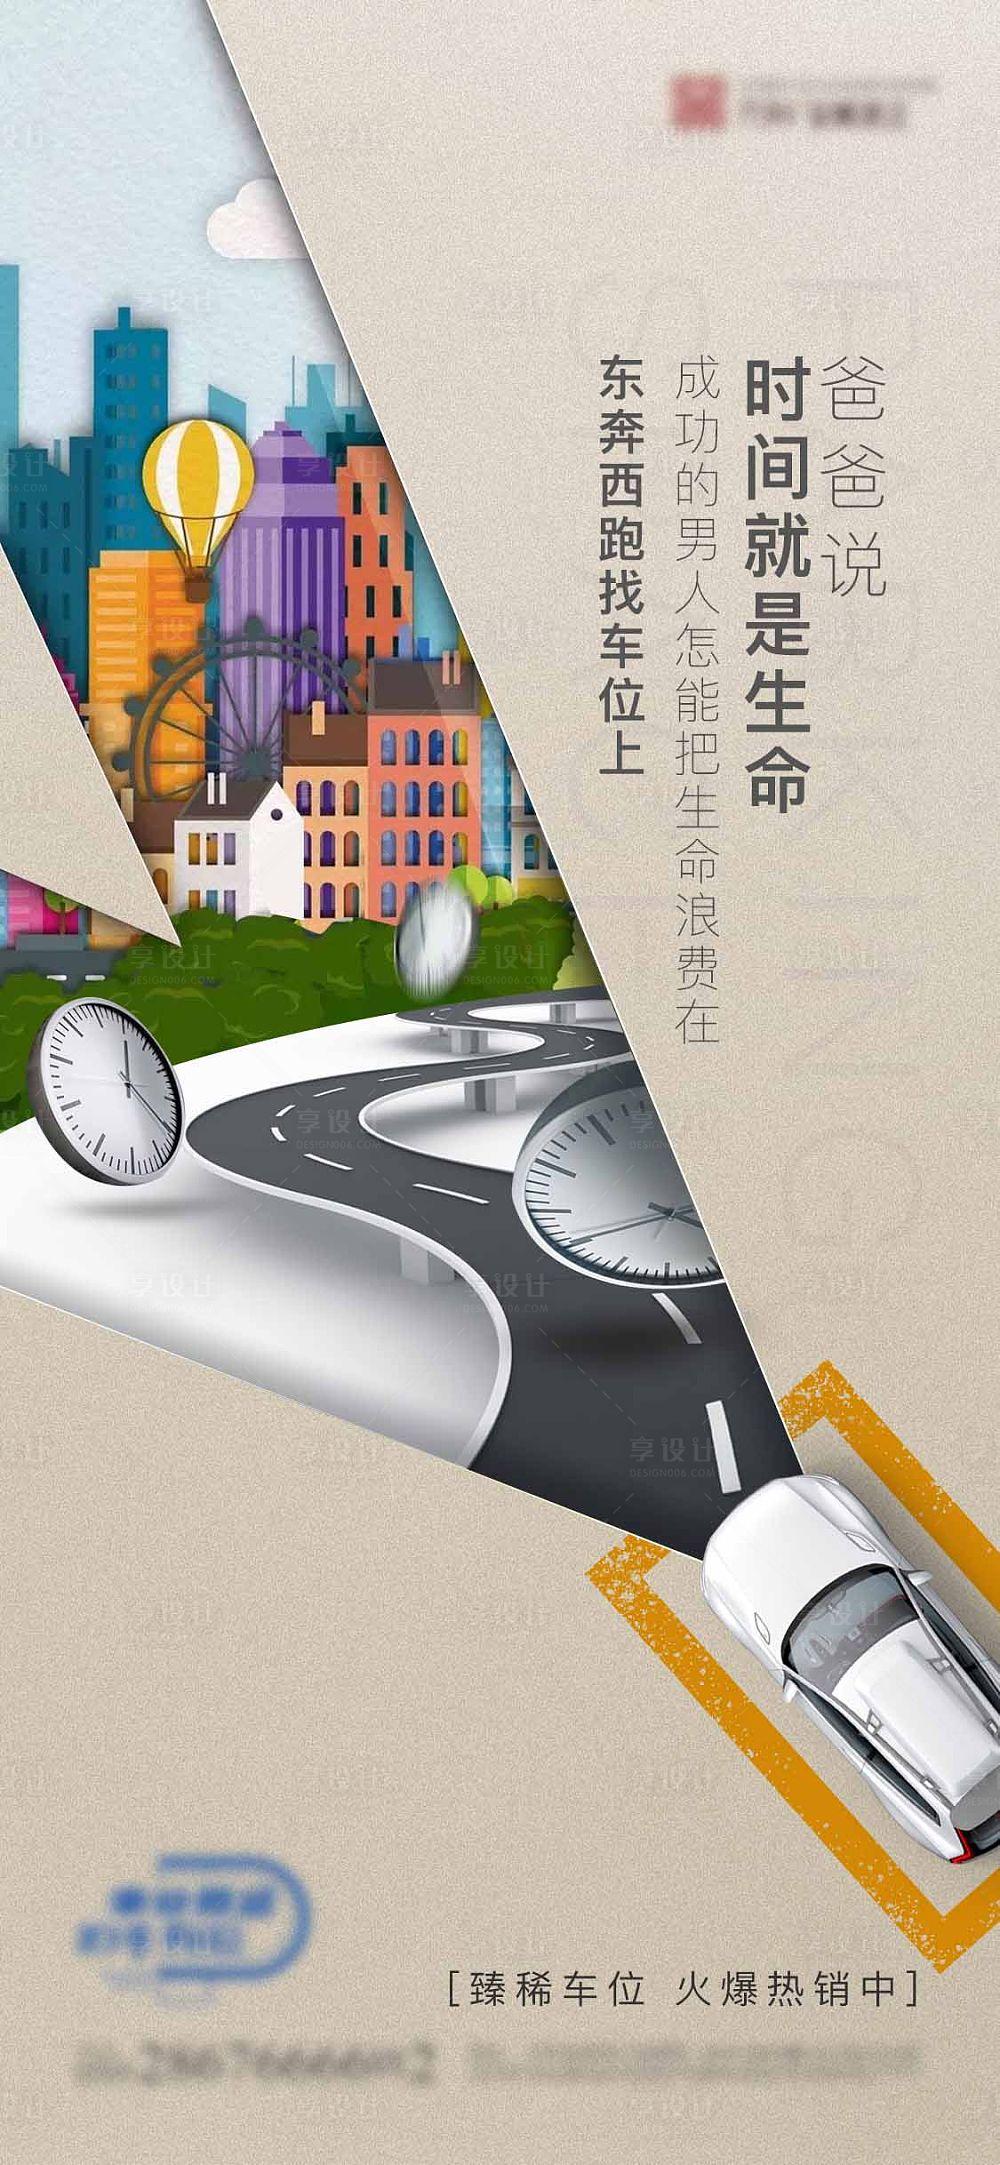 【源文件下载】 海报 房地产 创意 车位 扁平化设计作品 设计图集